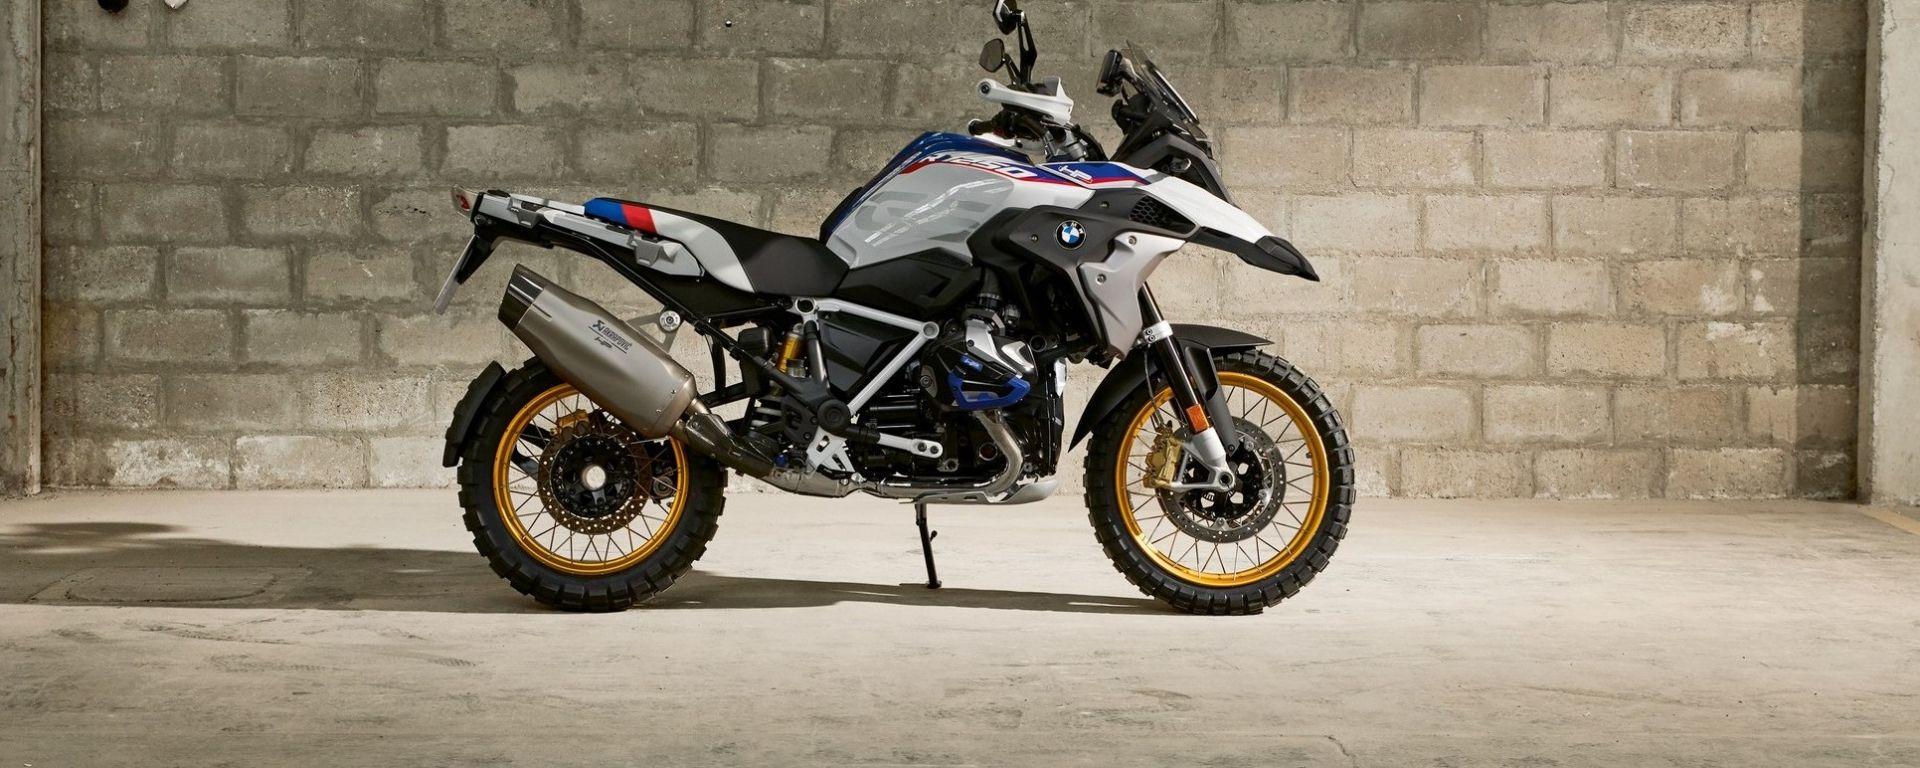 BMW R 1250 GS: cambiano il motore e l'estetica. Ecco quanto costa